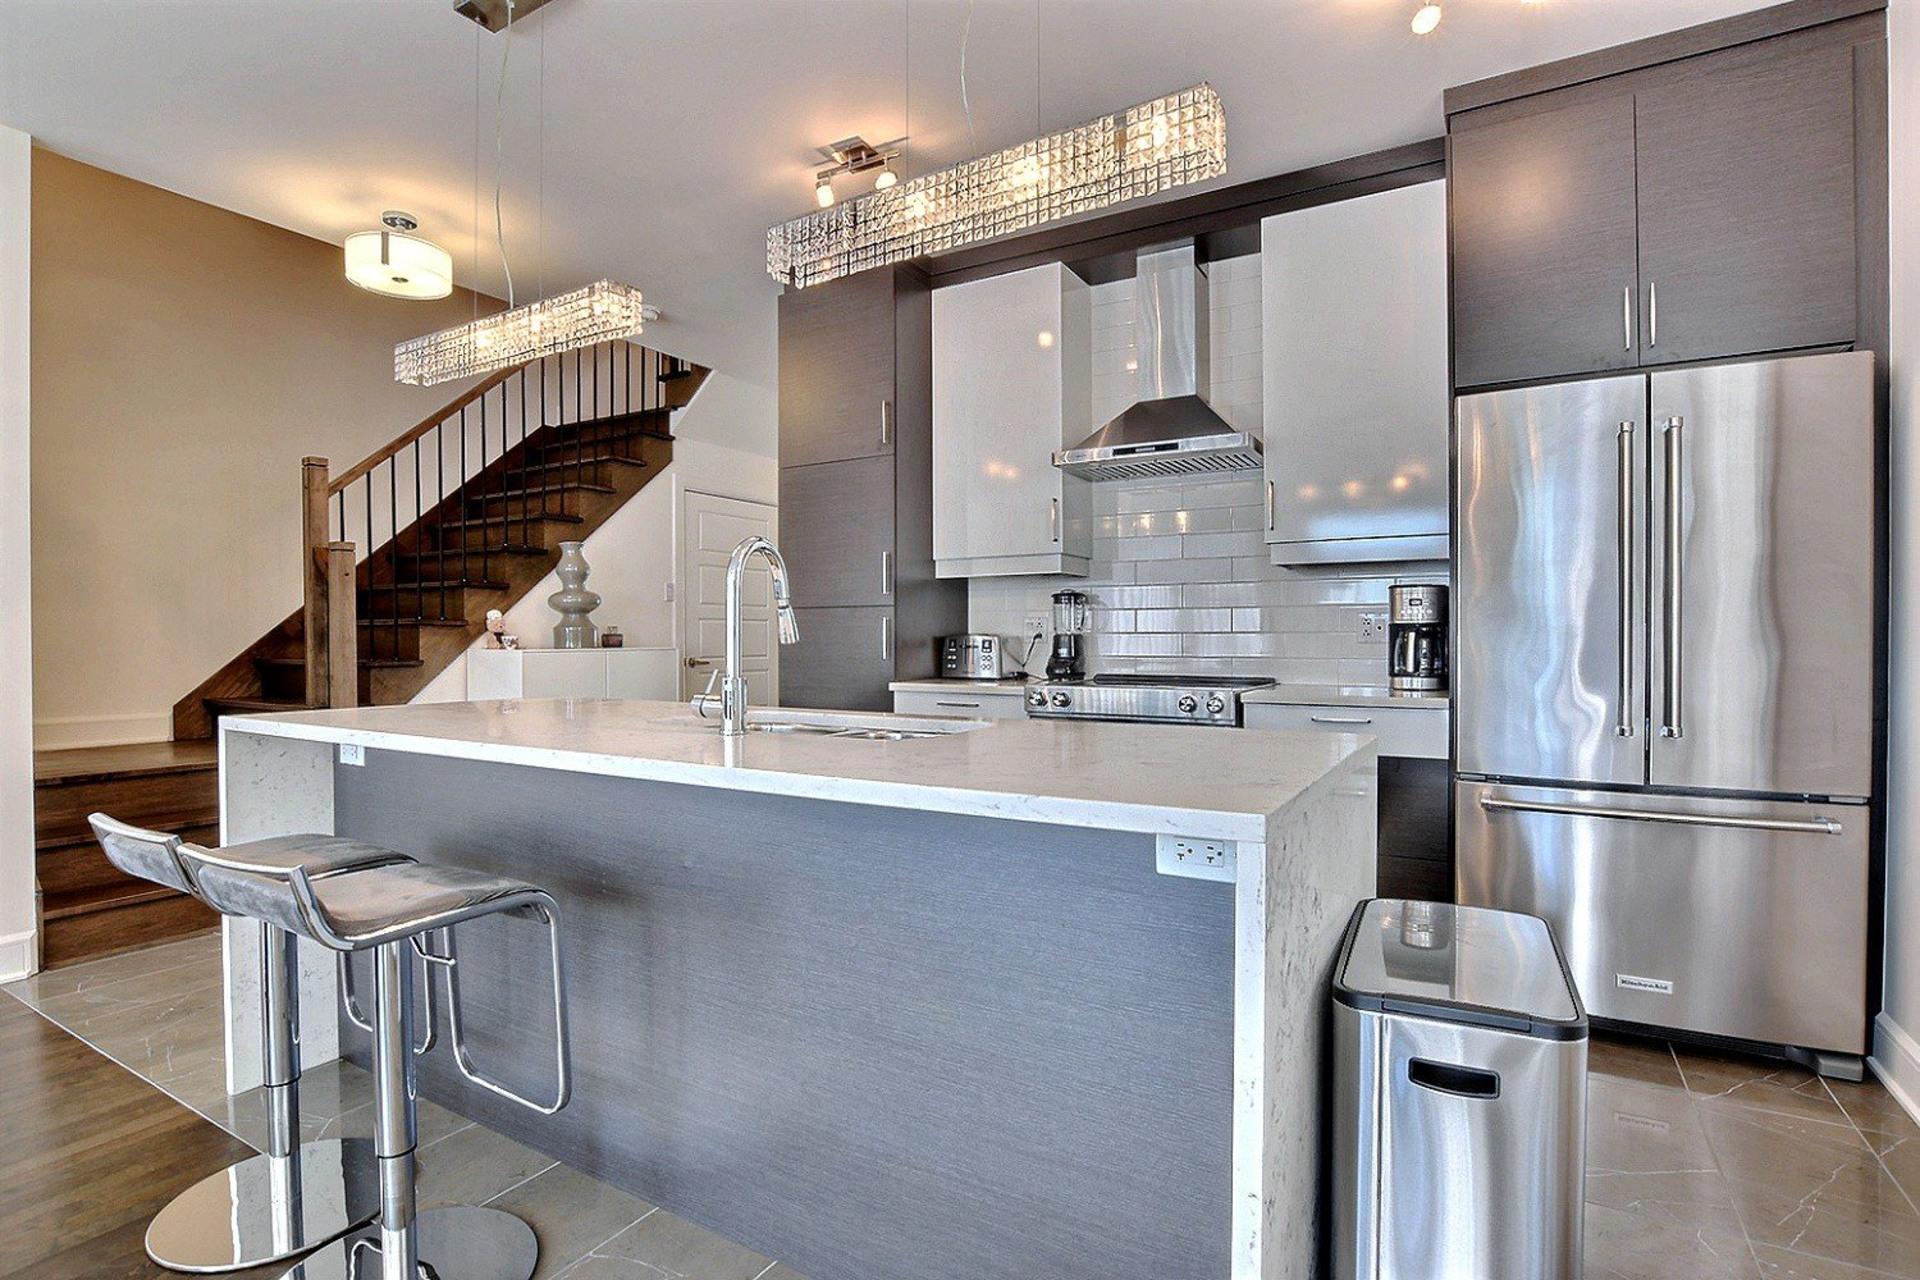 image 8 - Maison À vendre Lachine Montréal  - 14 pièces